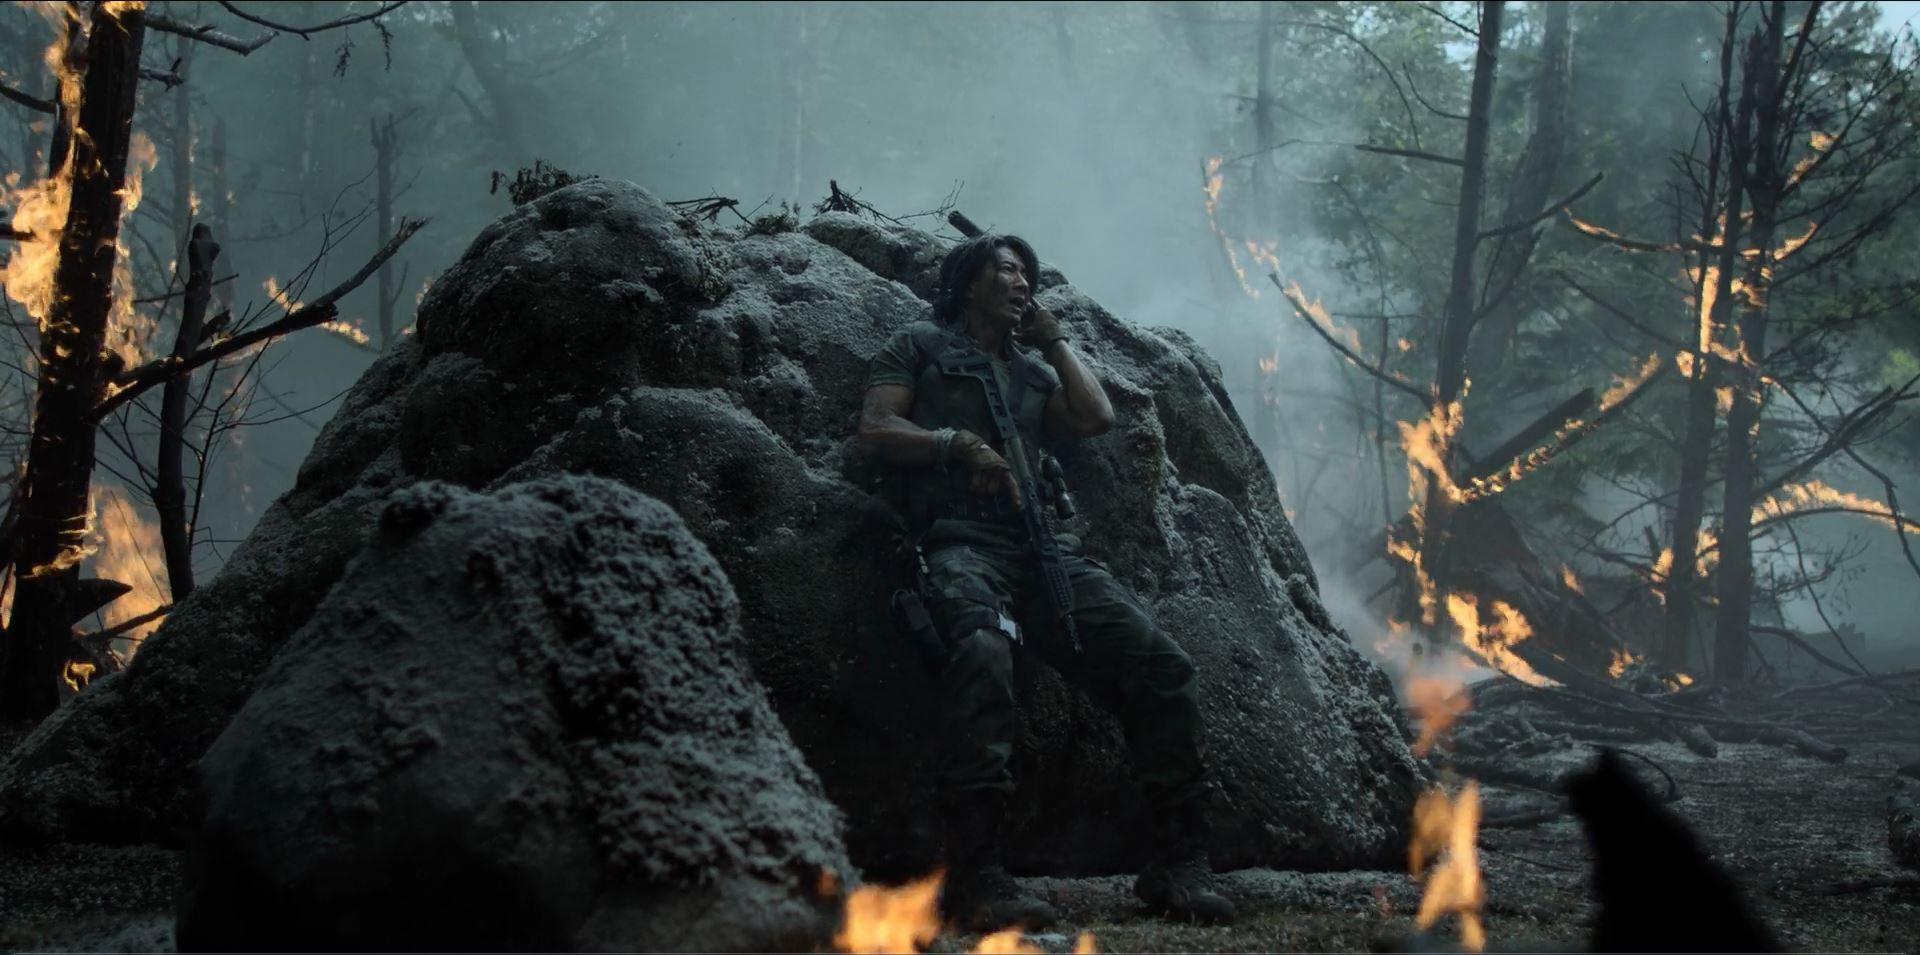 Altered Carbon - Leonardo Nam as Kovacs